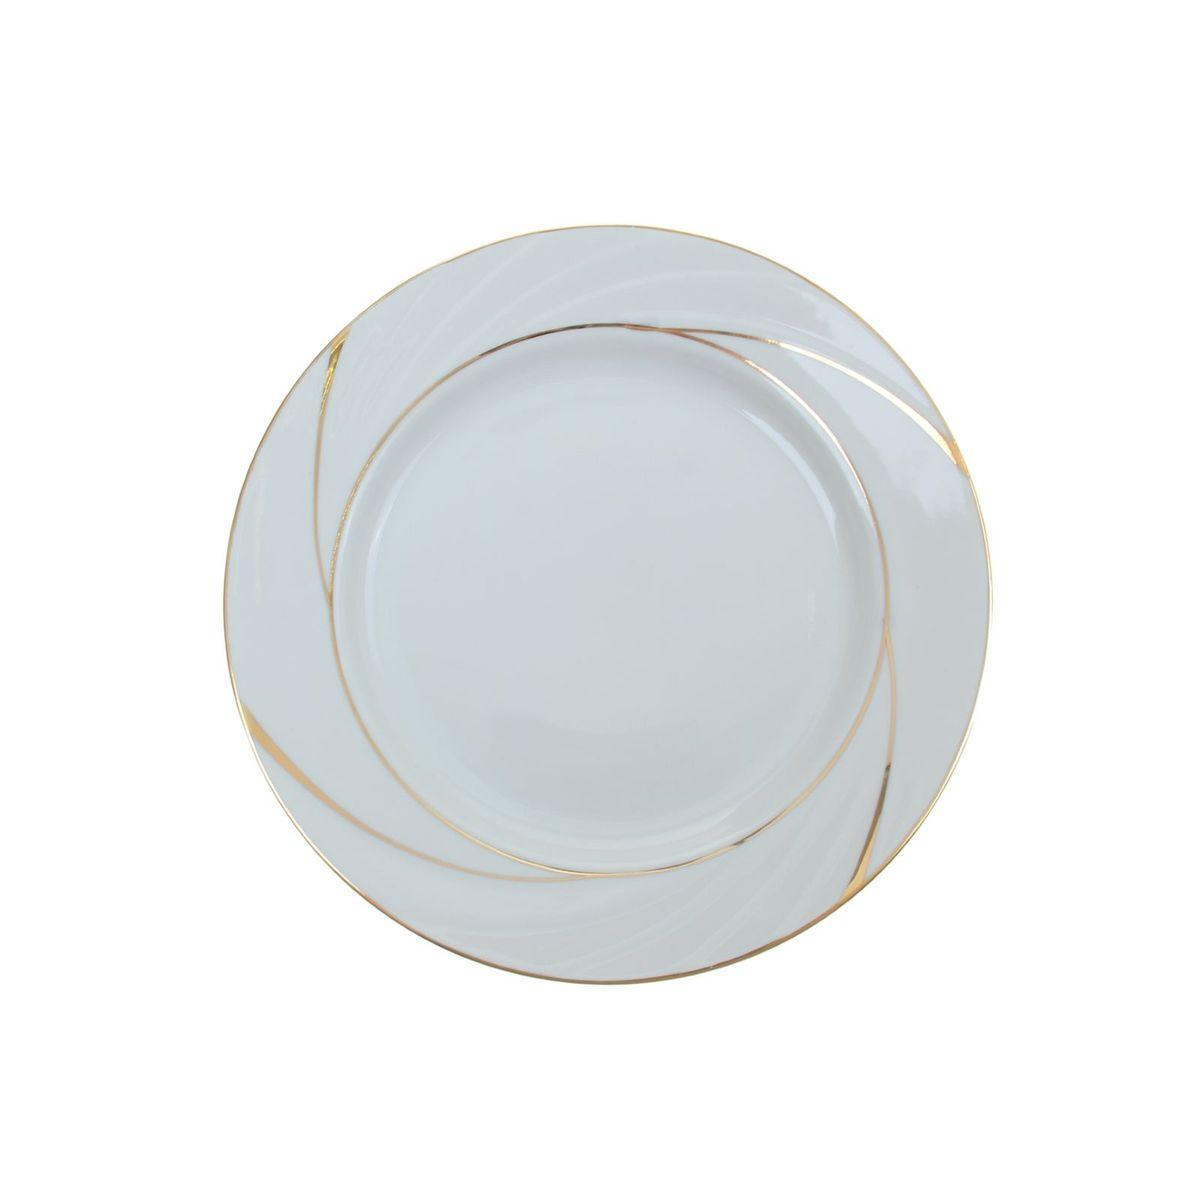 Тарелка мелкая Голубка. Бомонд, диаметр 24 см1035420Мелкая тарелка Голубка. Бомонд выполнена из высококачественного фарфора. Она прекрасно впишется в интерьер вашей кухни и станет достойным дополнением к кухонному инвентарю. Тарелка Голубка. Бомонд подчеркнет прекрасный вкус хозяйки и станет отличным подарком. Диаметр тарелки: 24 см.